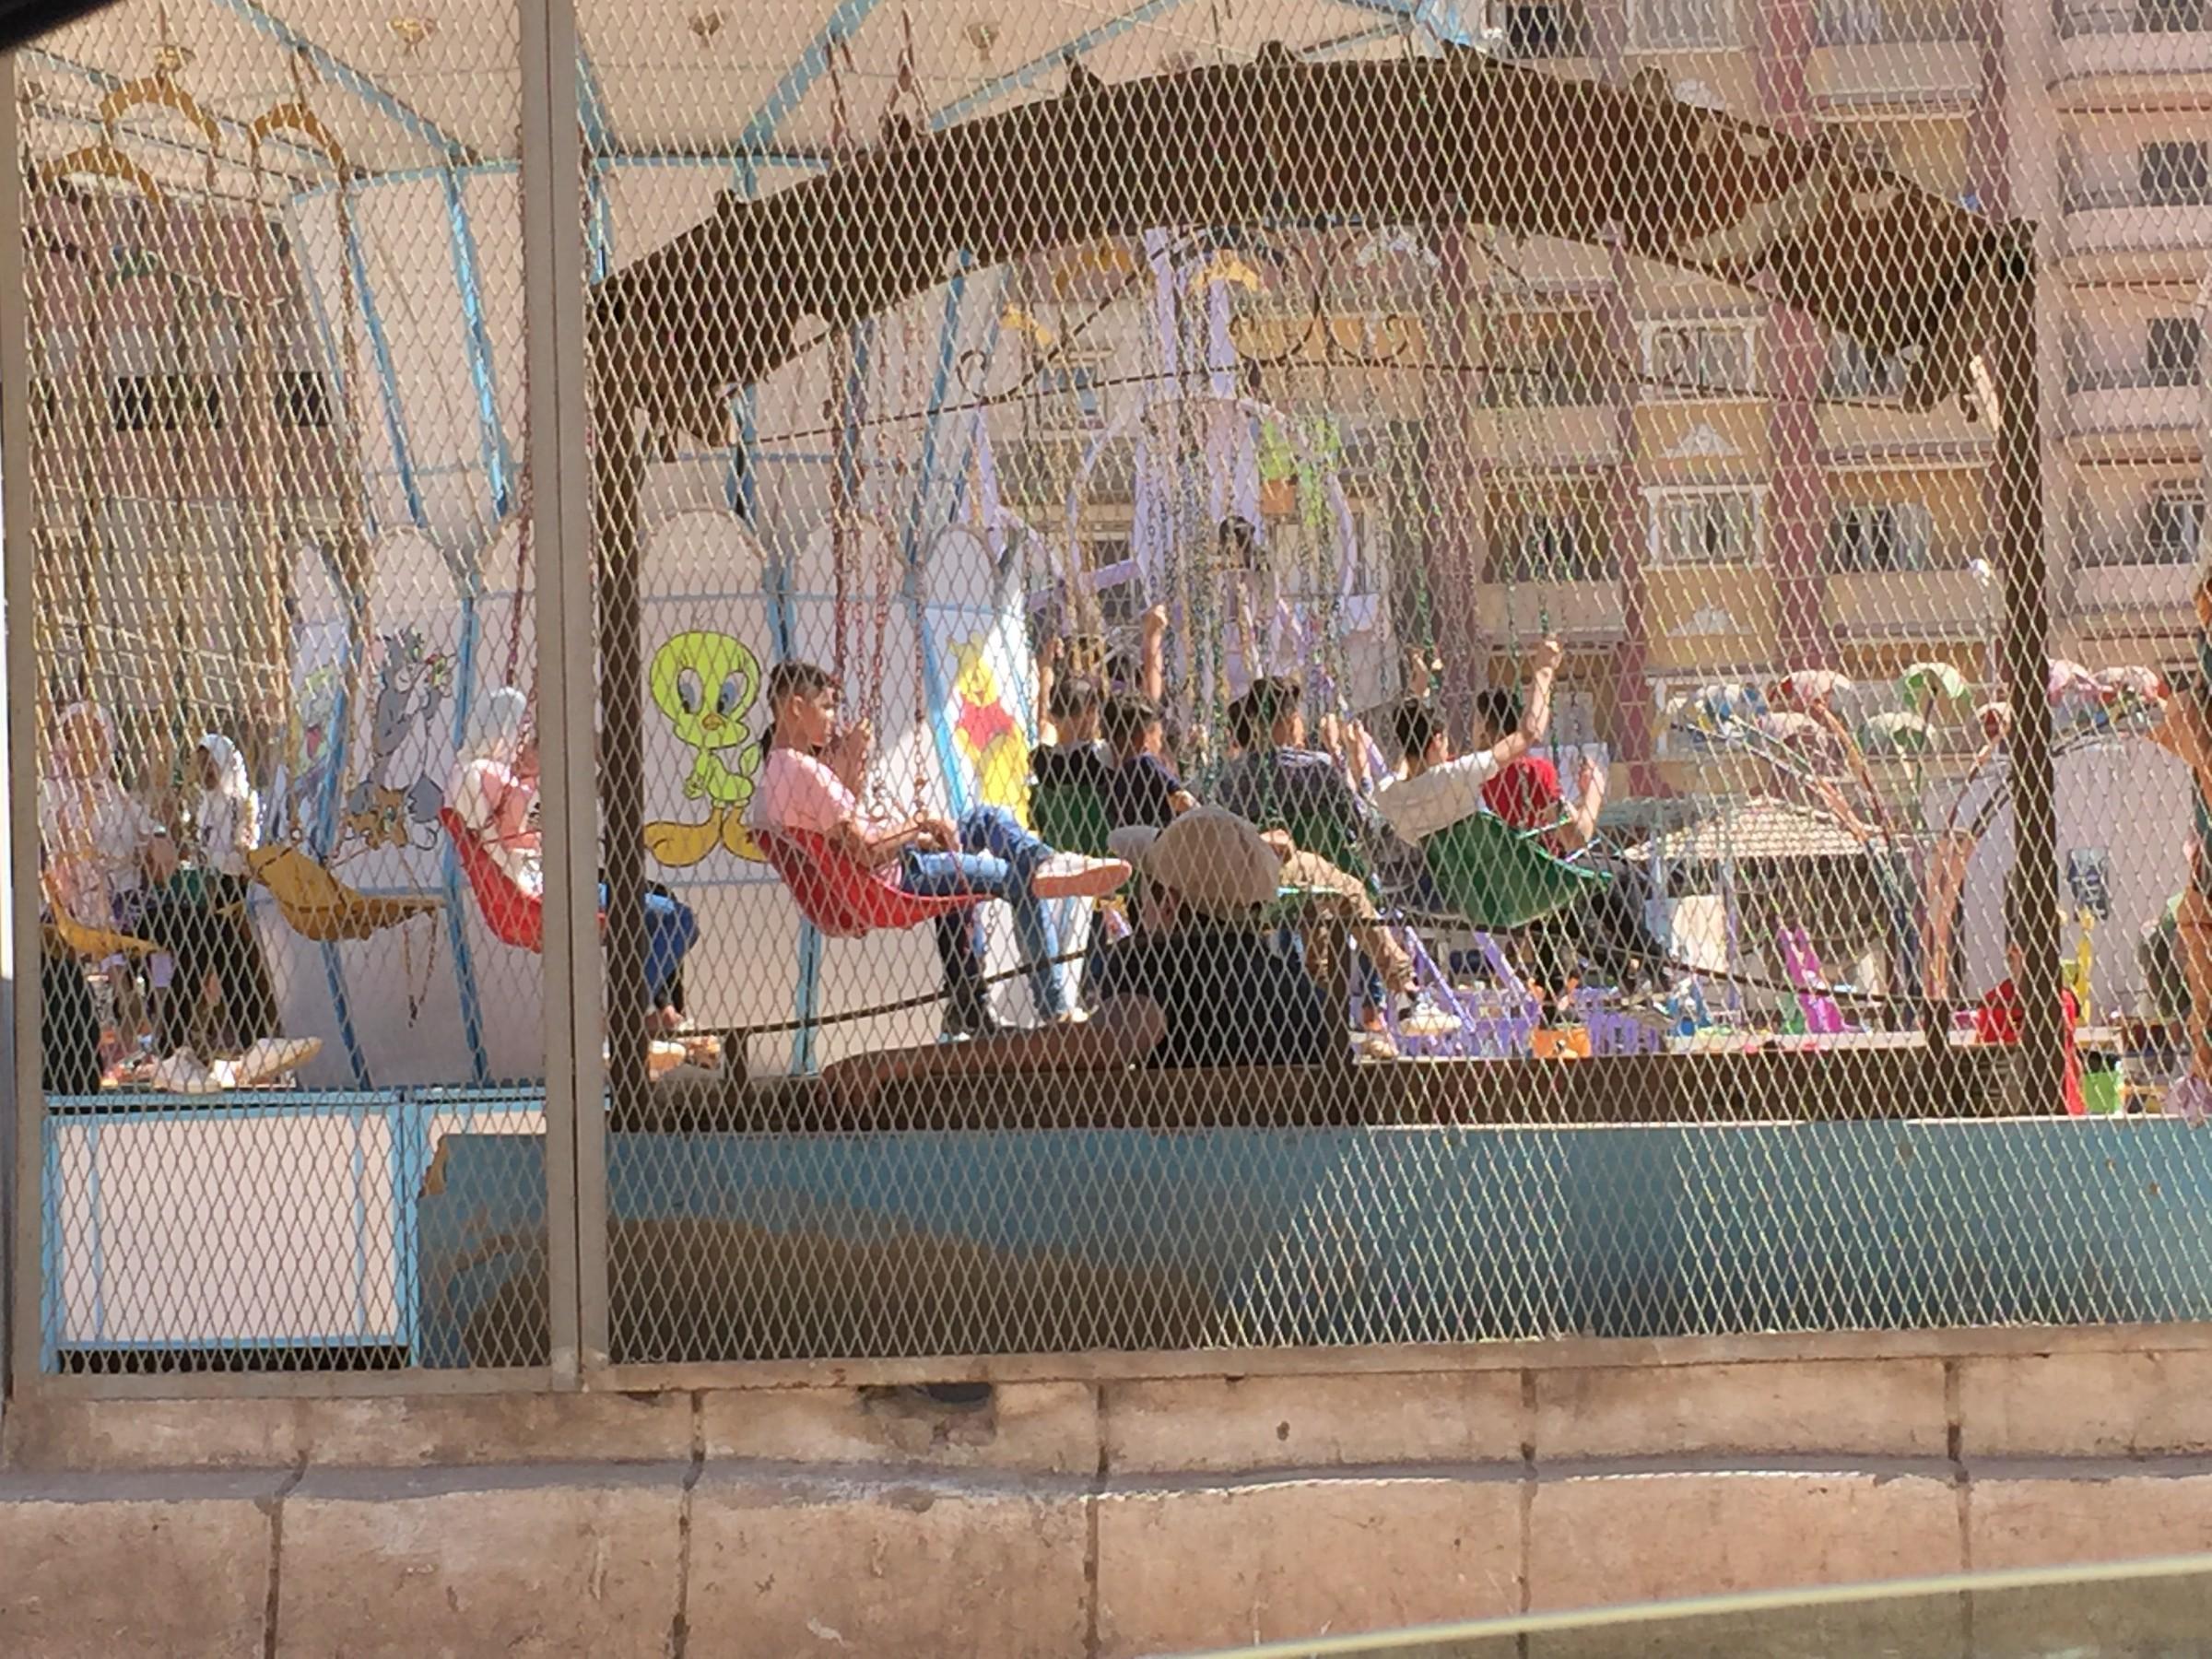 إقبال كبير على الحدائق والمتنزهات فى أول أيام عيد الأضحى بالغربية (9)